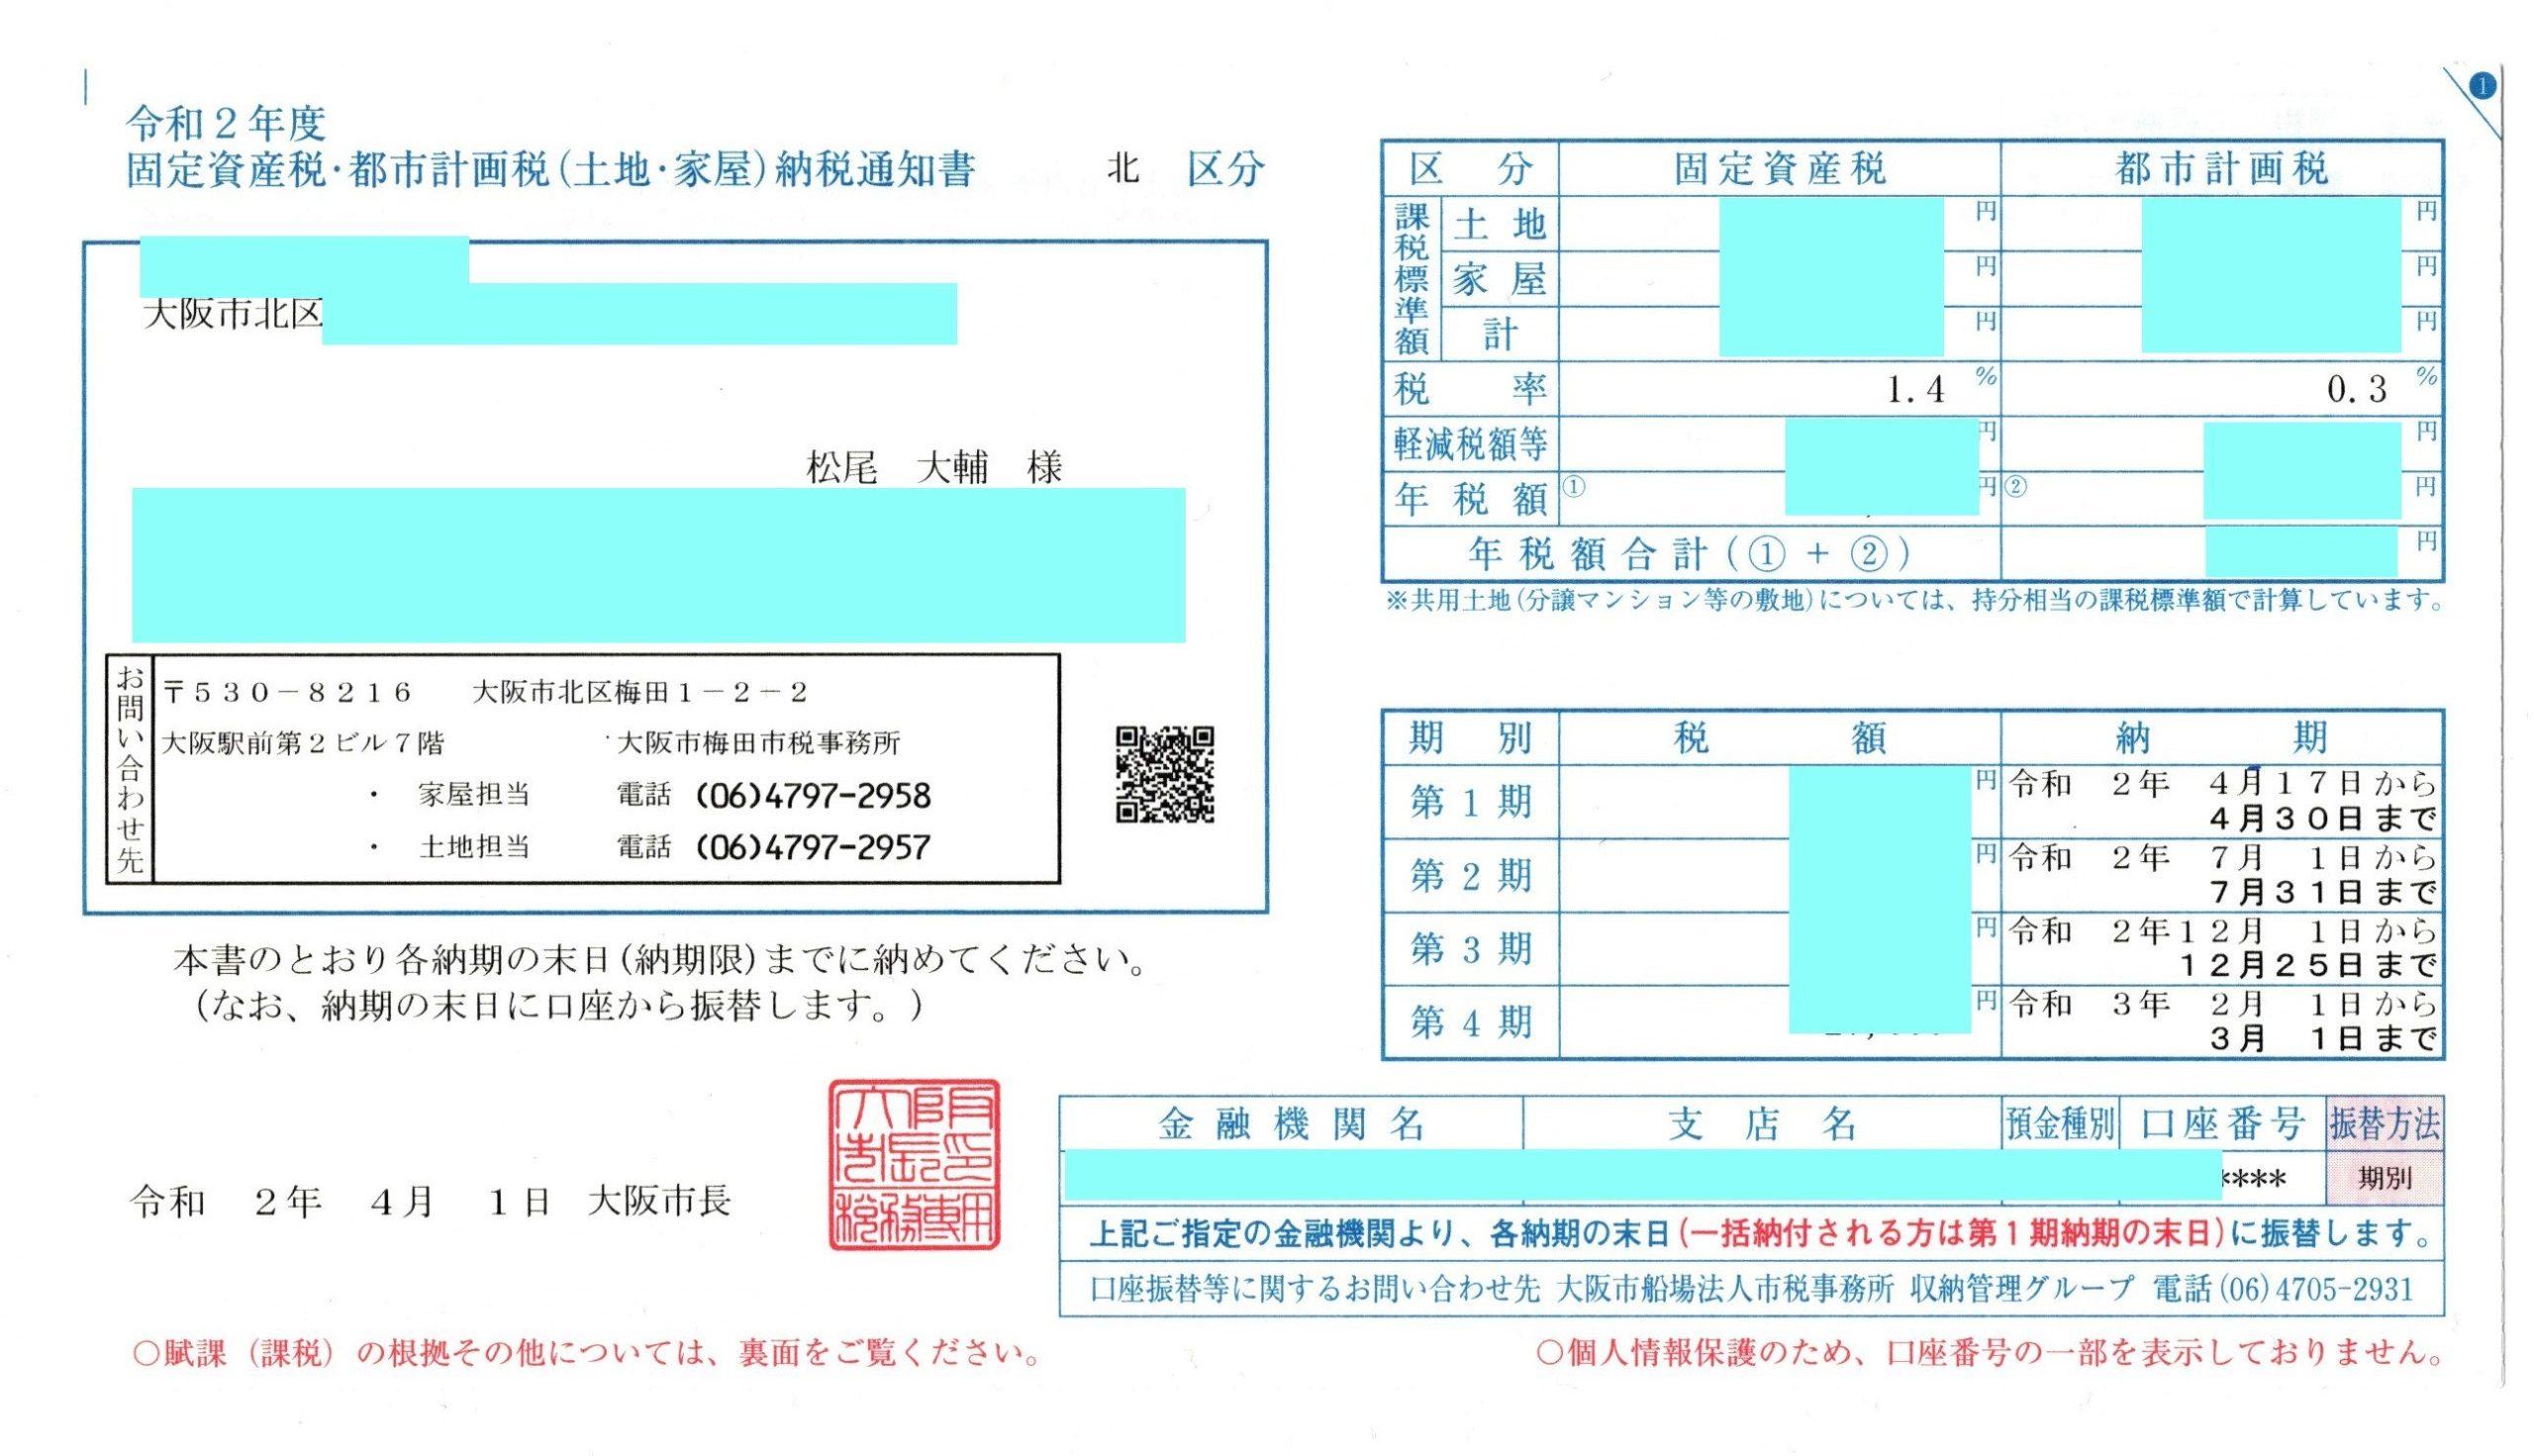 固定資産税納税通知書の見方 | 松尾大輔税理士・行政書士事務所